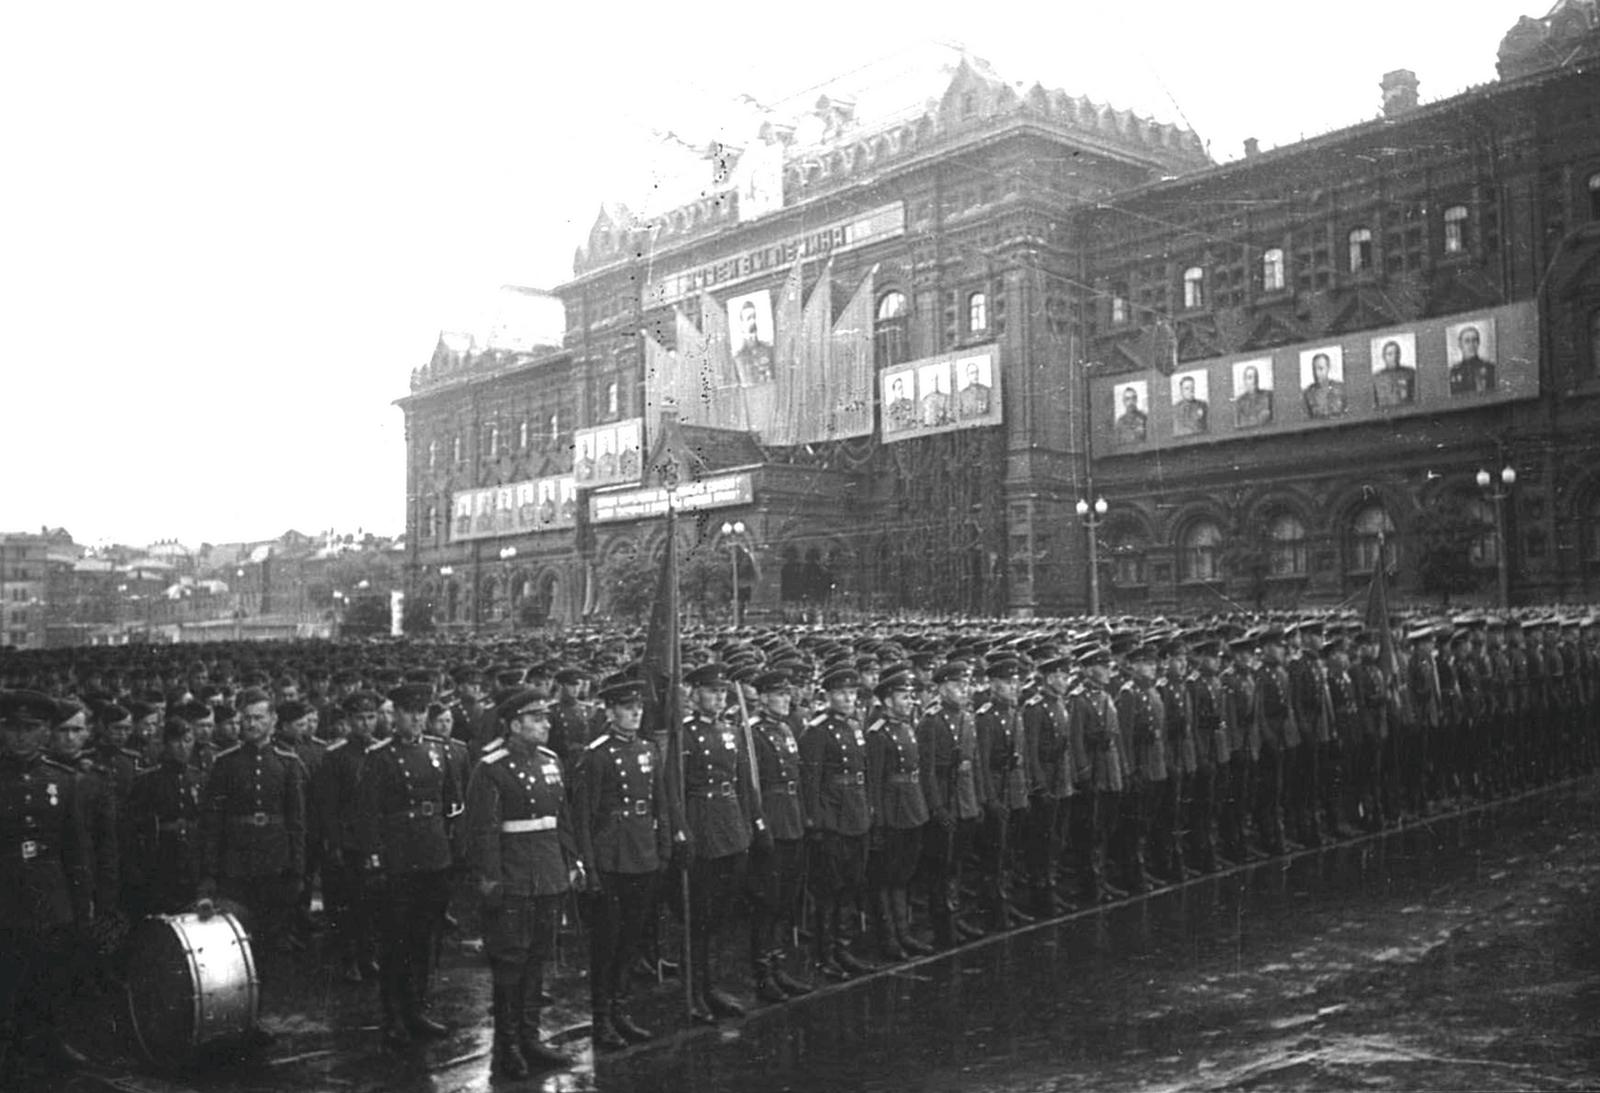 Участники Парада Победы. Фотограф А. В. Устинов 24 июня 1945 г.